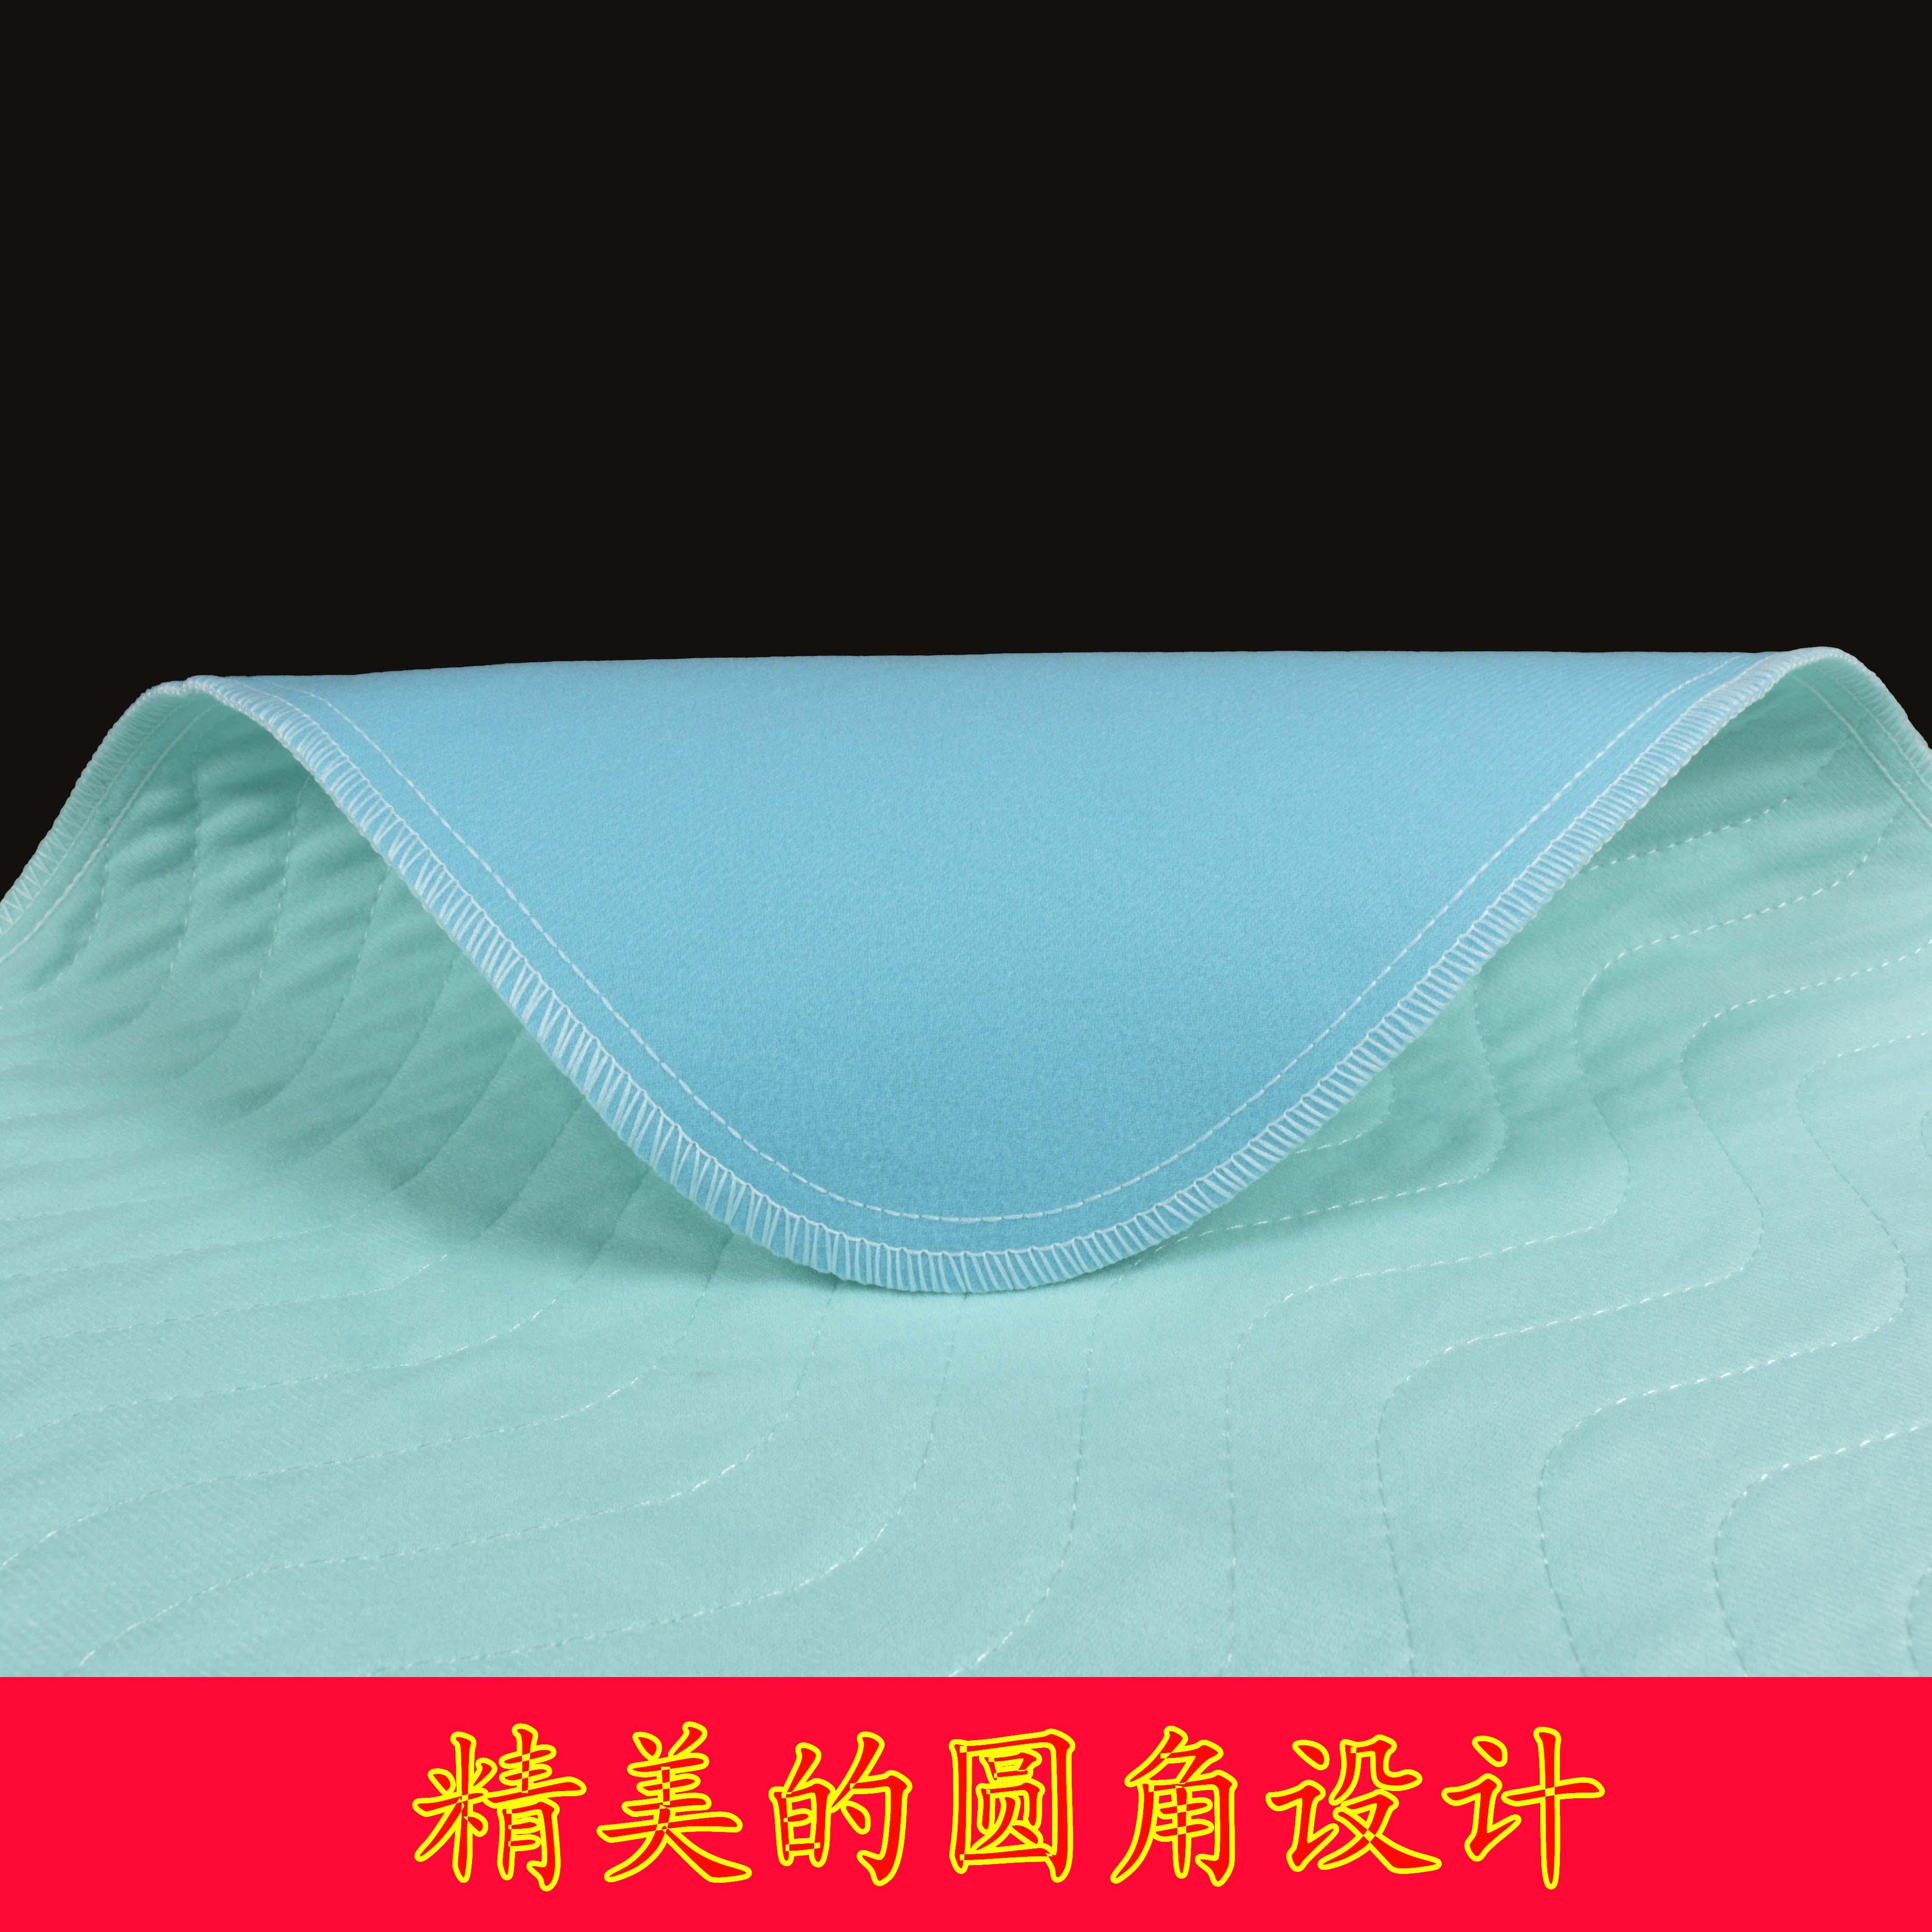 Personnes âgées lavables couches lavables urine ne pas humide pad matelas matelas soins pad couches couches âgées fournitures